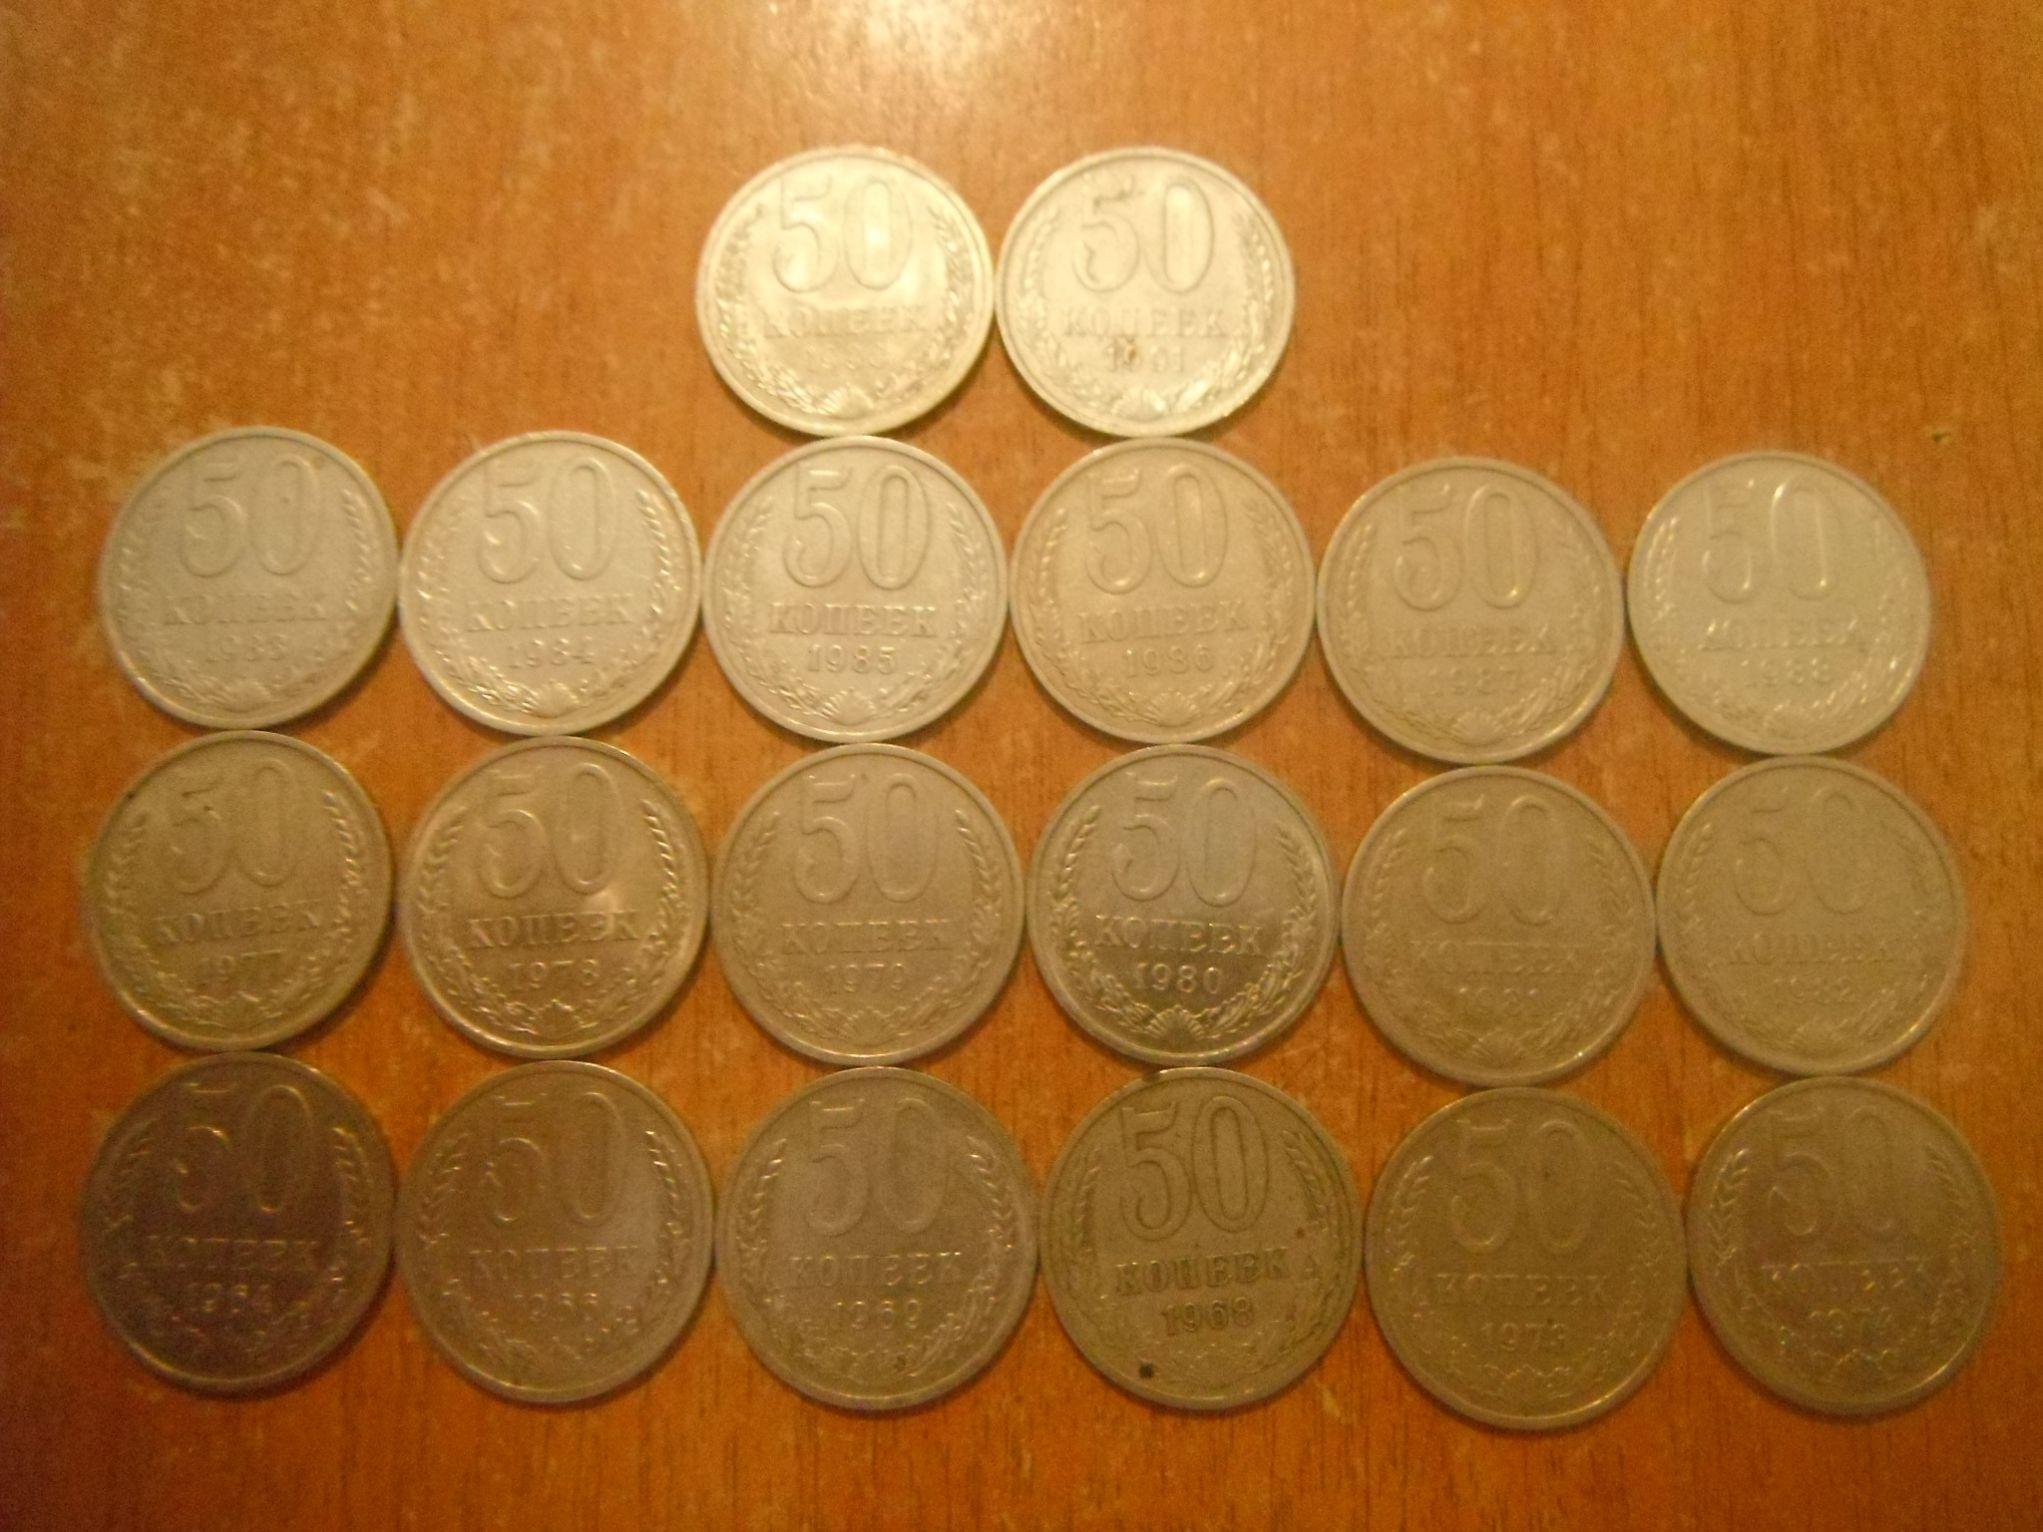 фото всех юбилейных монет ссср копеек его разрешается только